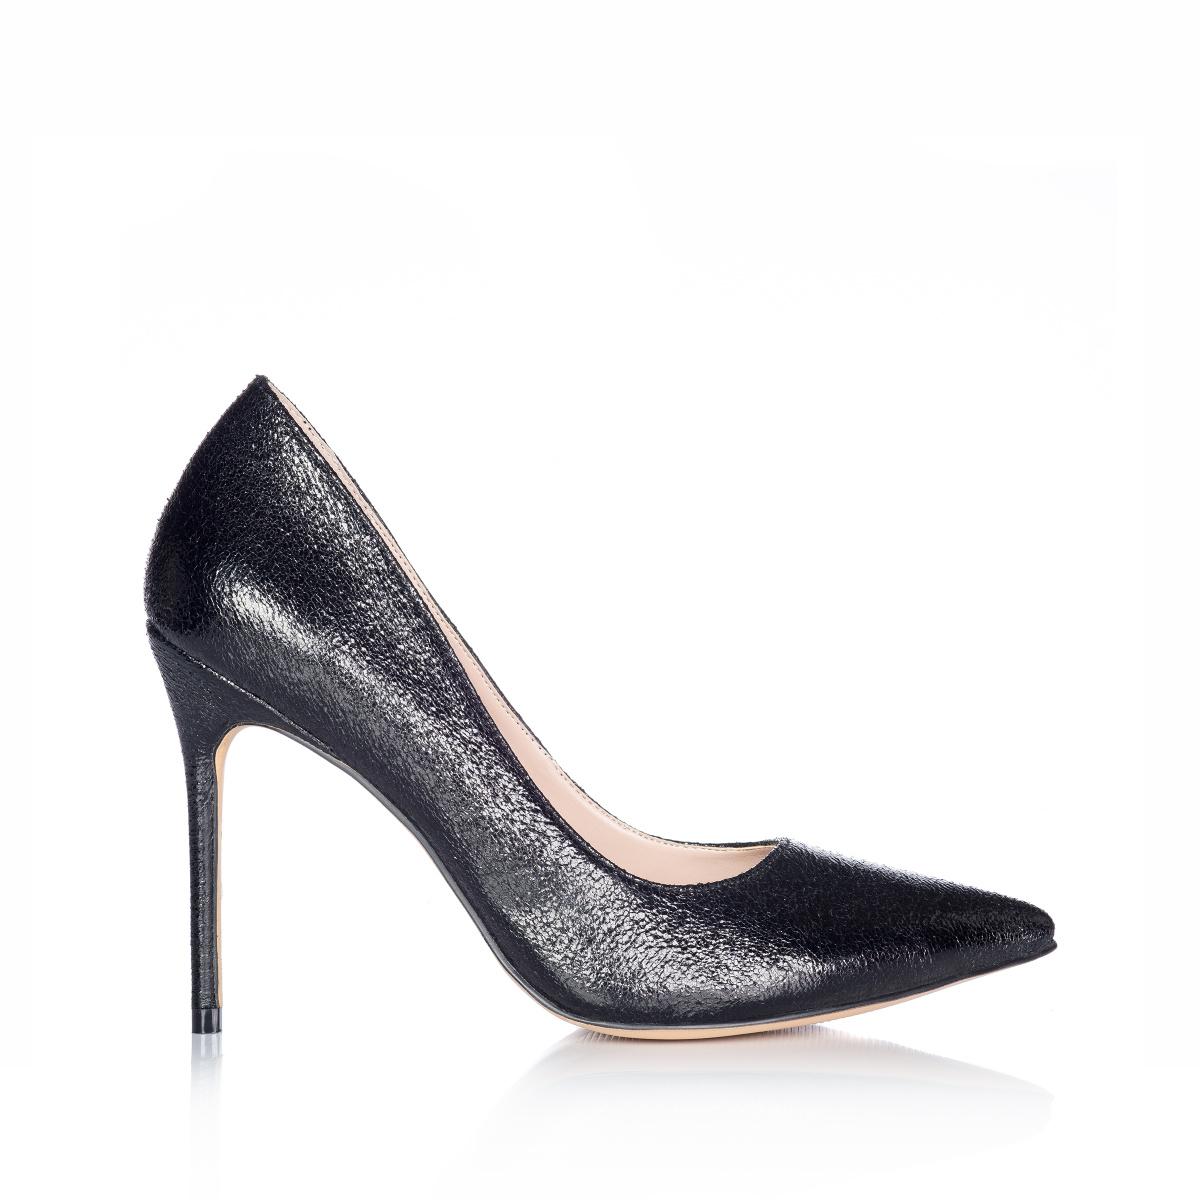 pret ieftin textură bună poze noi Pantofi stiletto din piele ecologica | expa1521 | NISSA